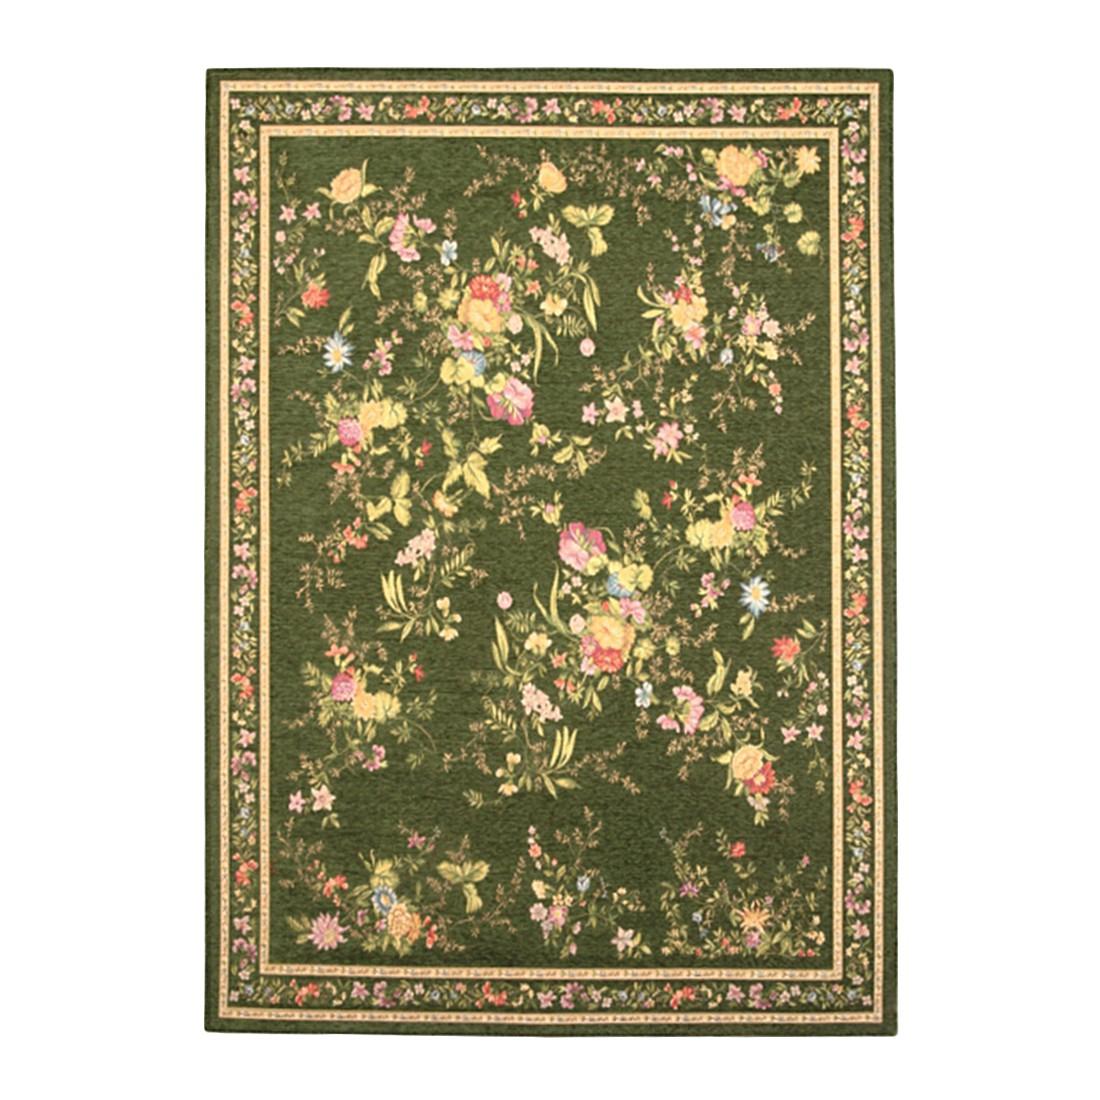 Teppich Flomi Sagrini – Grün – 170 x 120 cm, KC-Handel günstig online kaufen